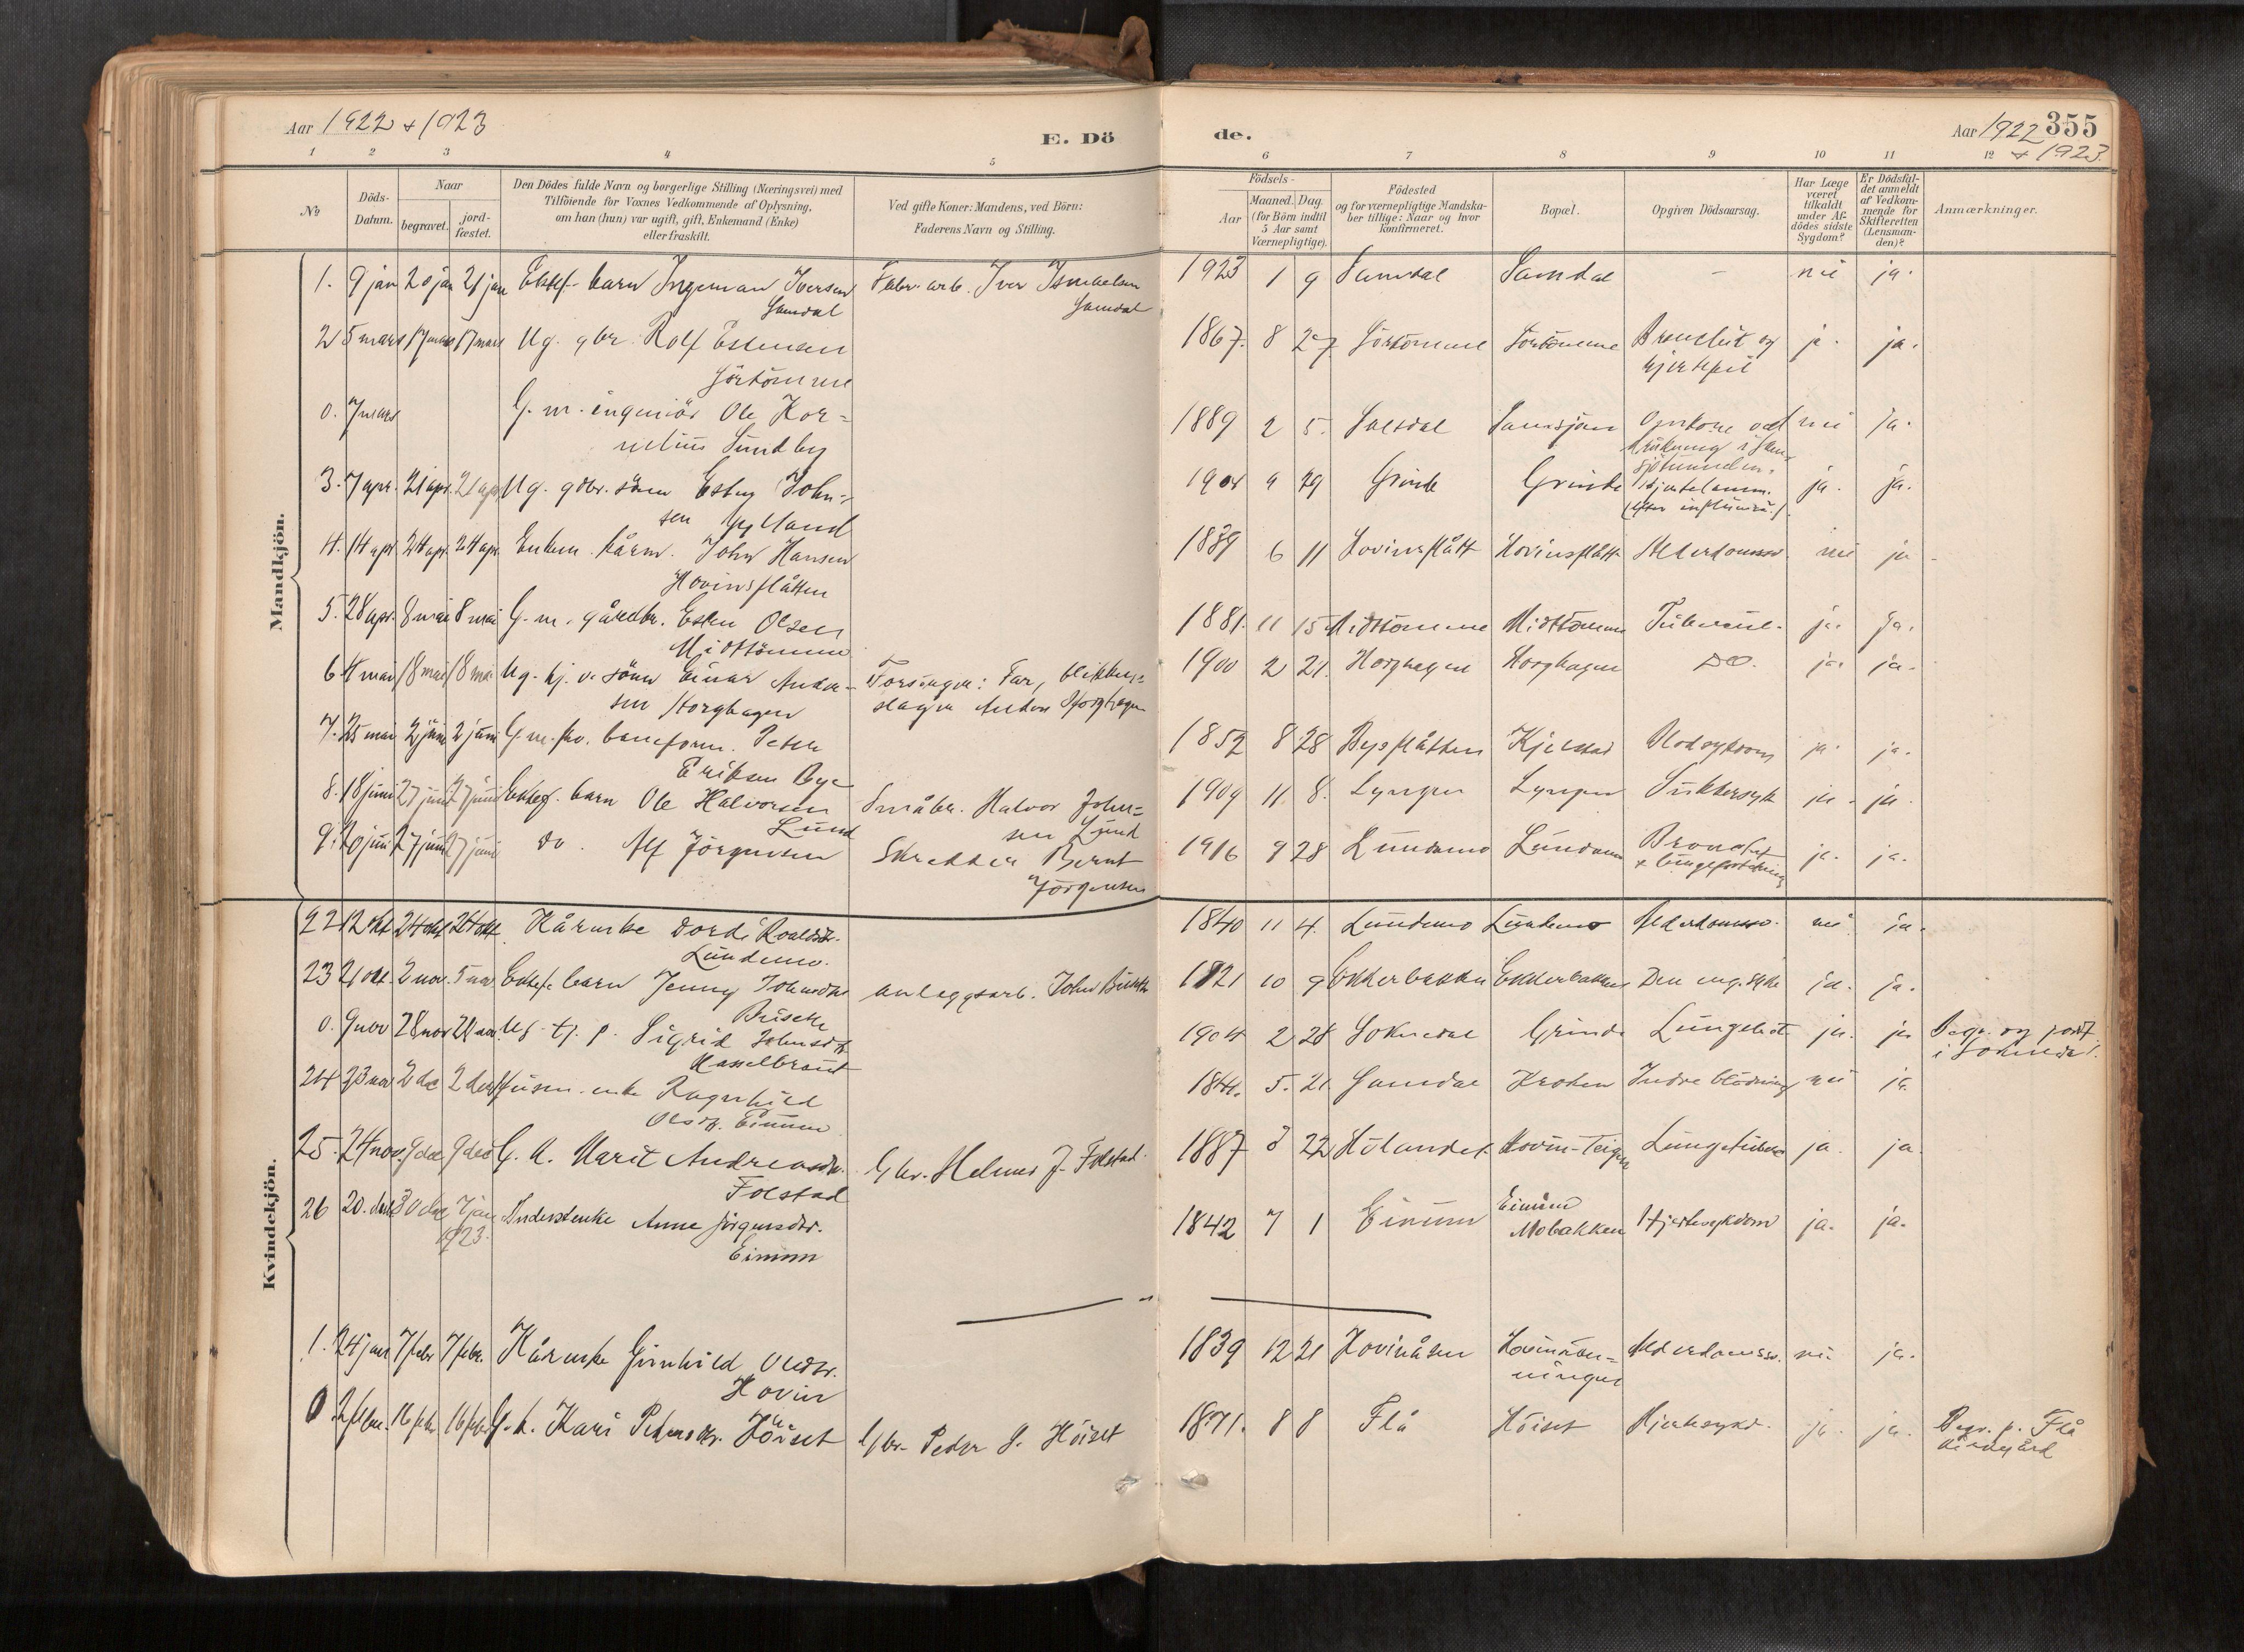 SAT, Ministerialprotokoller, klokkerbøker og fødselsregistre - Sør-Trøndelag, 692/L1105b: Ministerialbok nr. 692A06, 1891-1934, s. 355